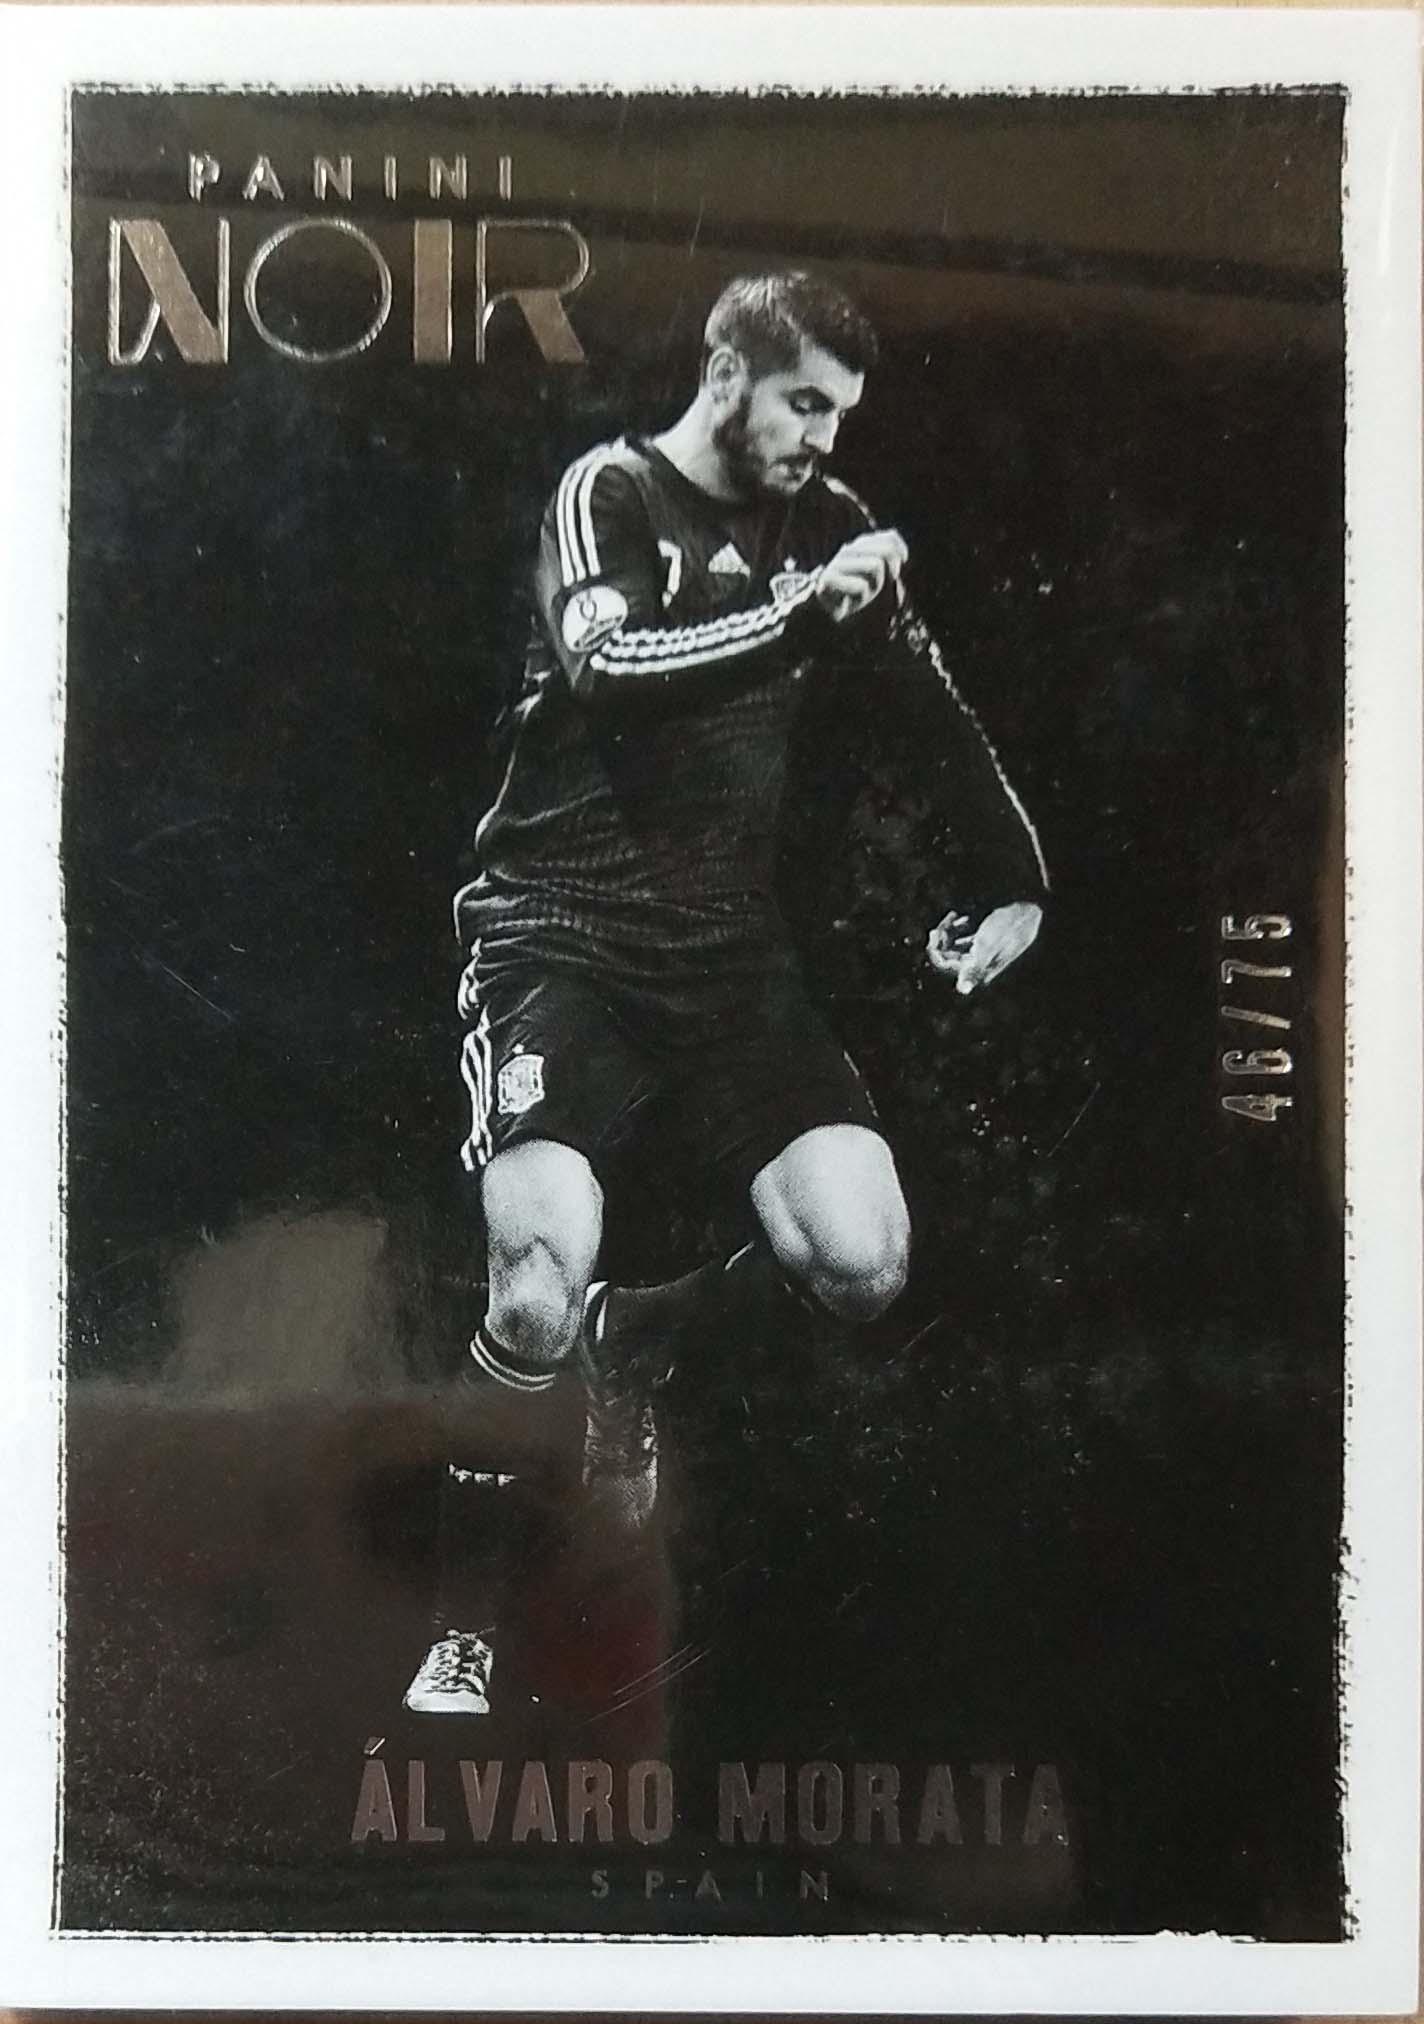 【普拉蒂尼】2016Panini帕尼尼诺尔球星卡Alvaro Morata莫拉塔西班牙46/75NO.78基础卡